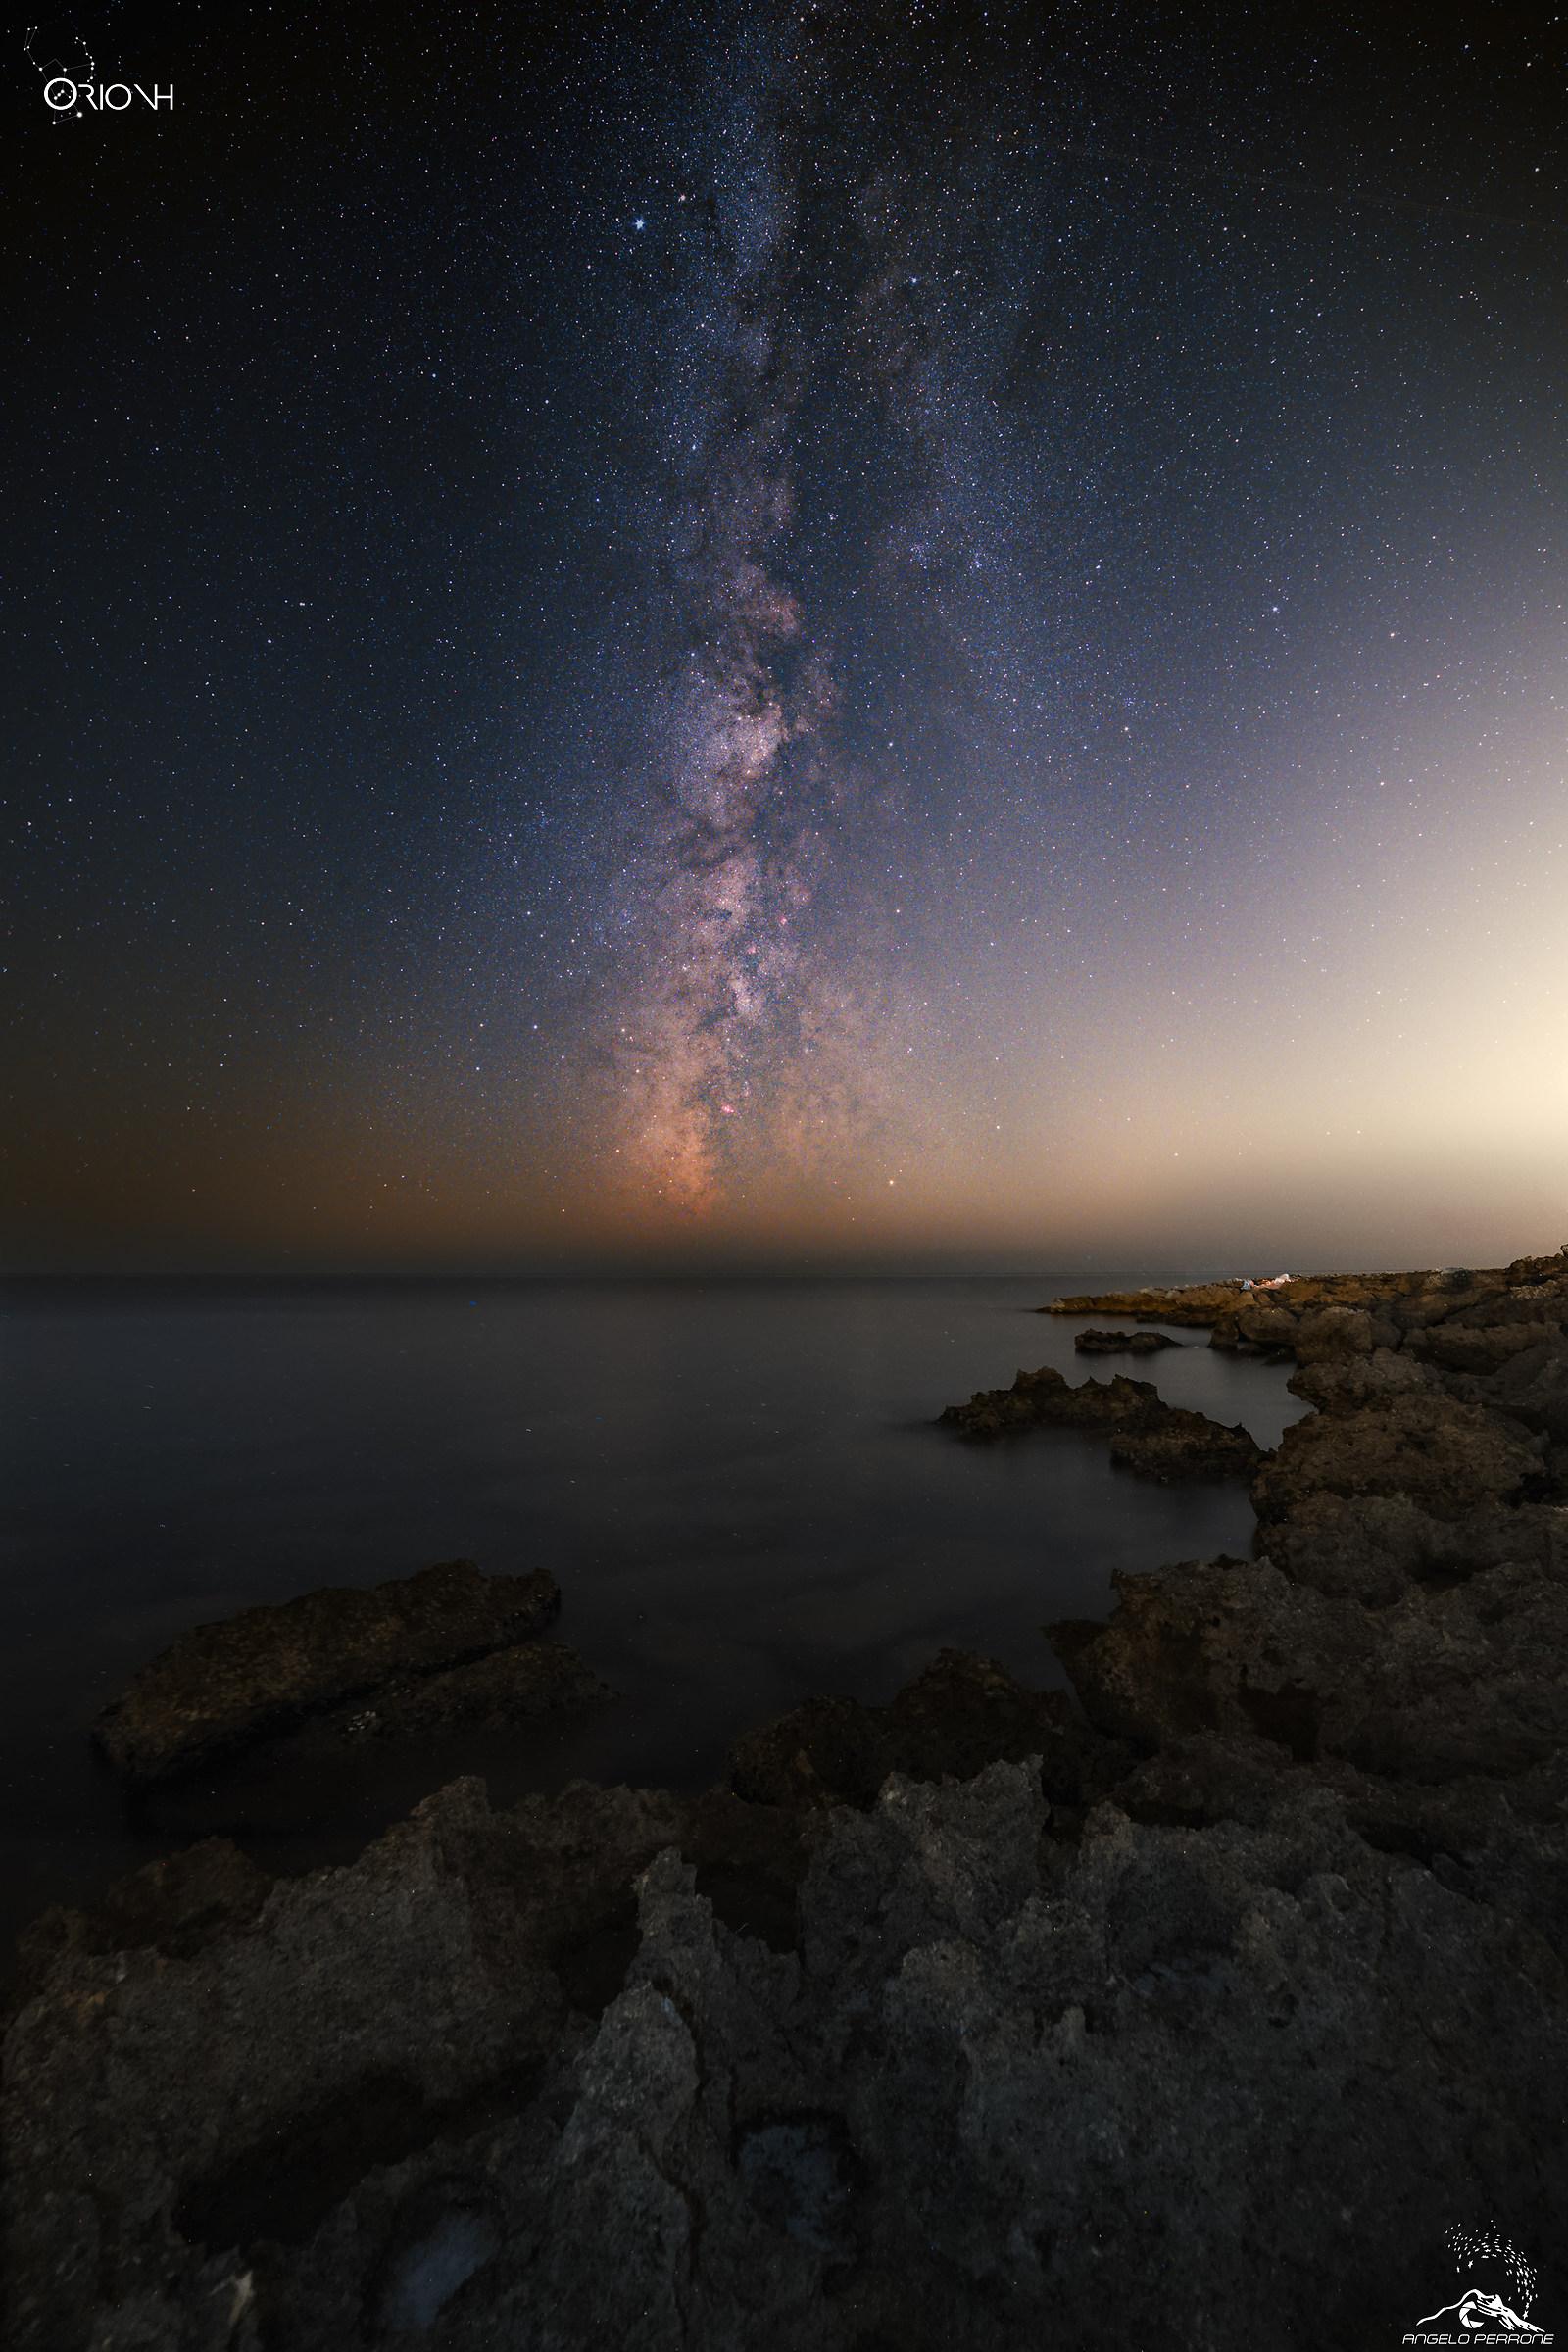 Sleeping galaxy...